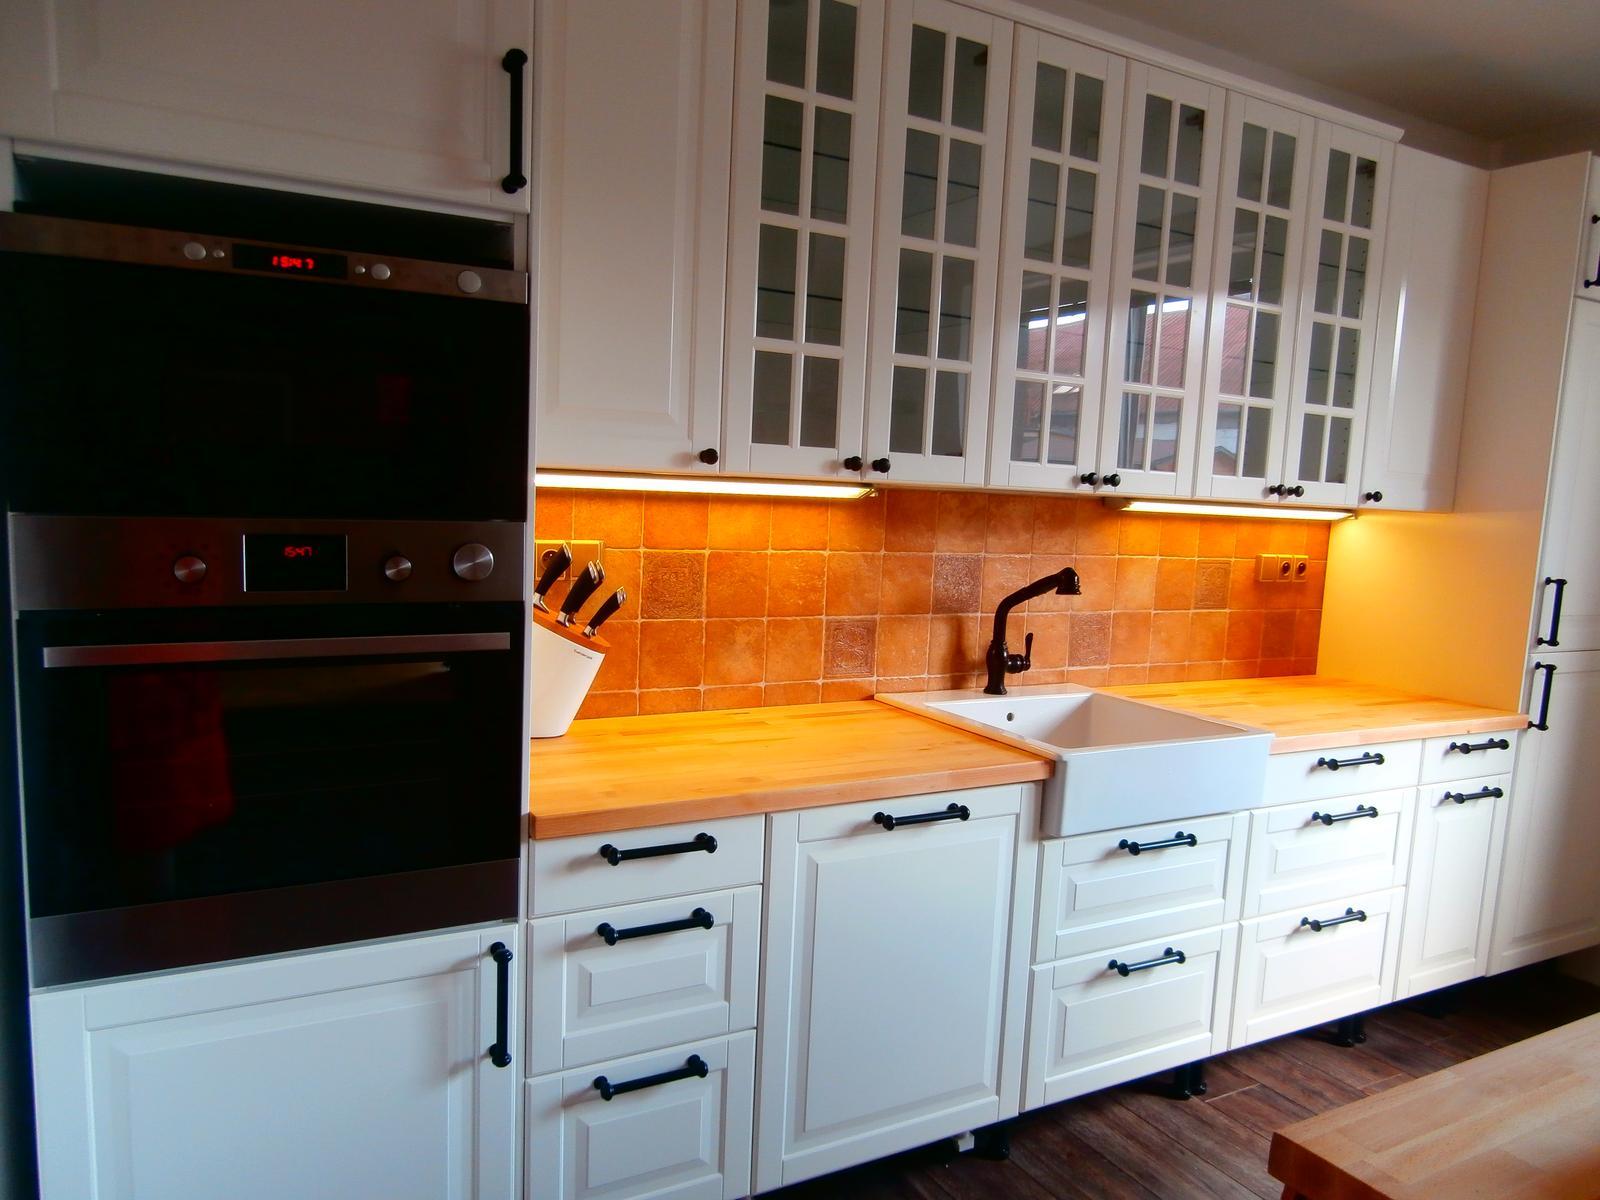 Má vysněná kuchyn - Obrázek č. 31